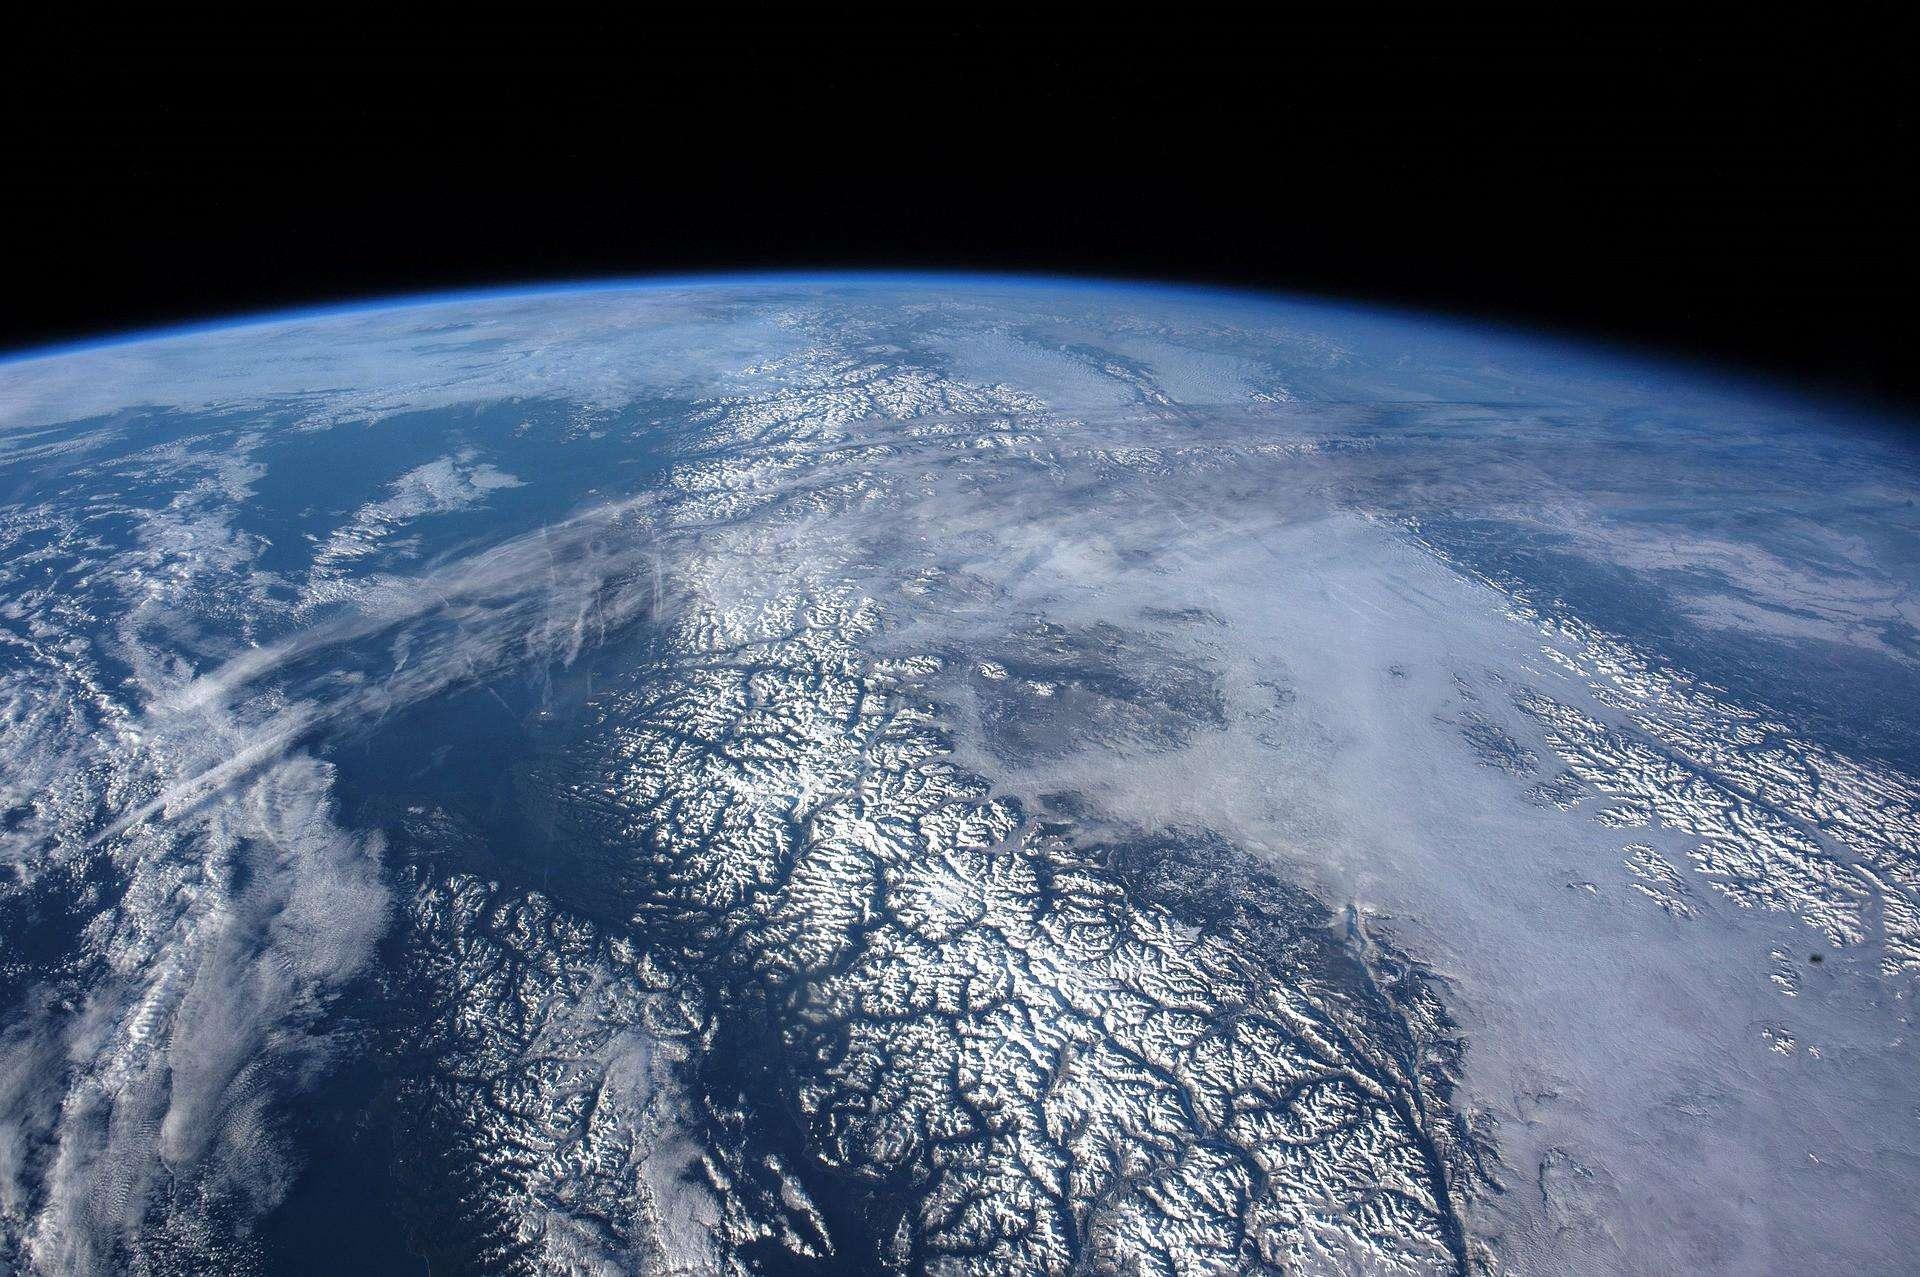 10 अक्टूबर को   अंतरिक्ष में  बाहरी अंतरिक्ष संधि का जन्म हुआ